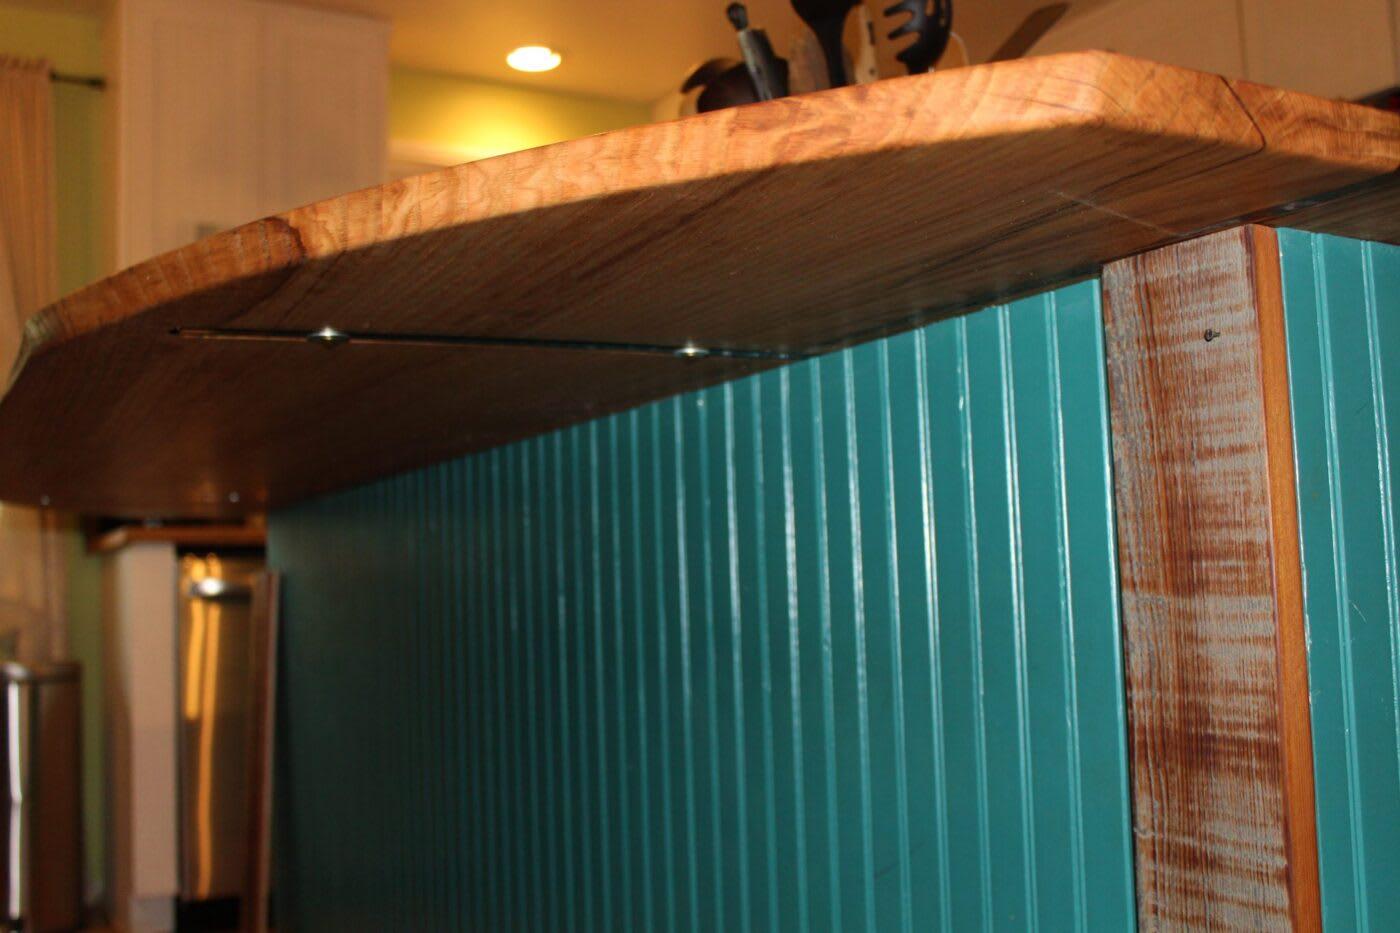 Wooden Countertop with Overhang